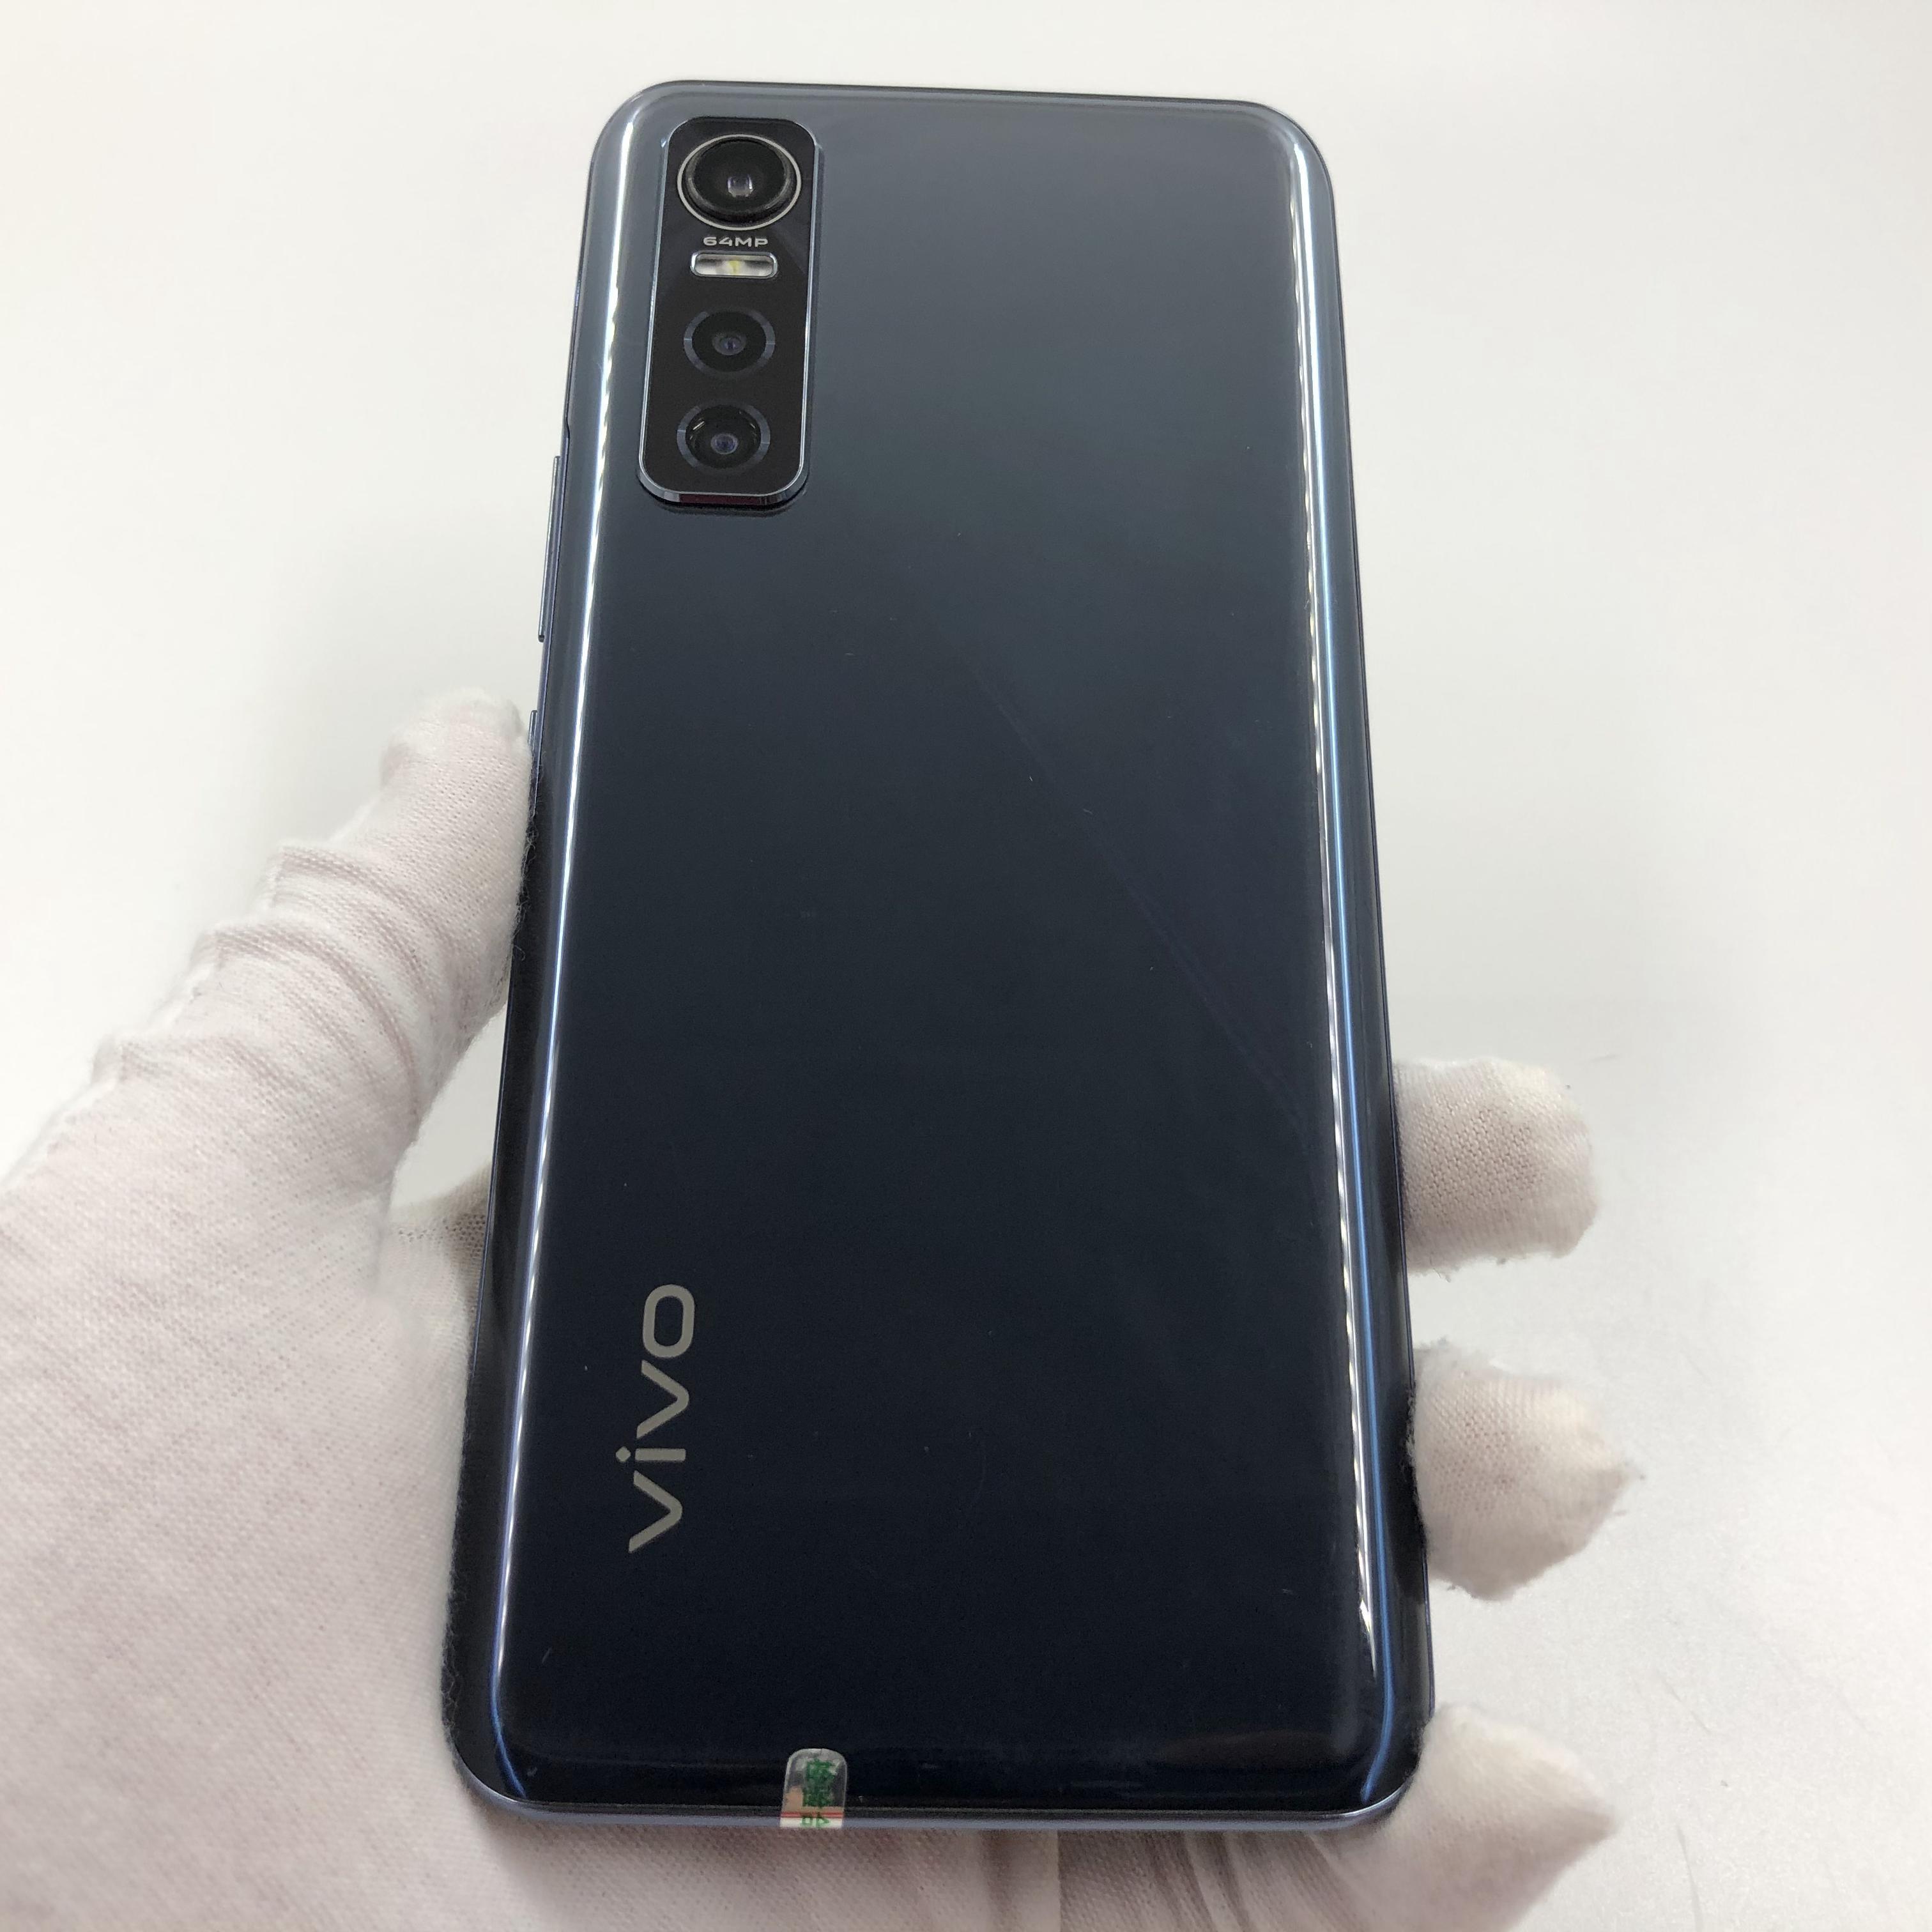 vivo【S7e 5G】5G全网通 黑镜 8G/128G 国行 8成新 真机实拍